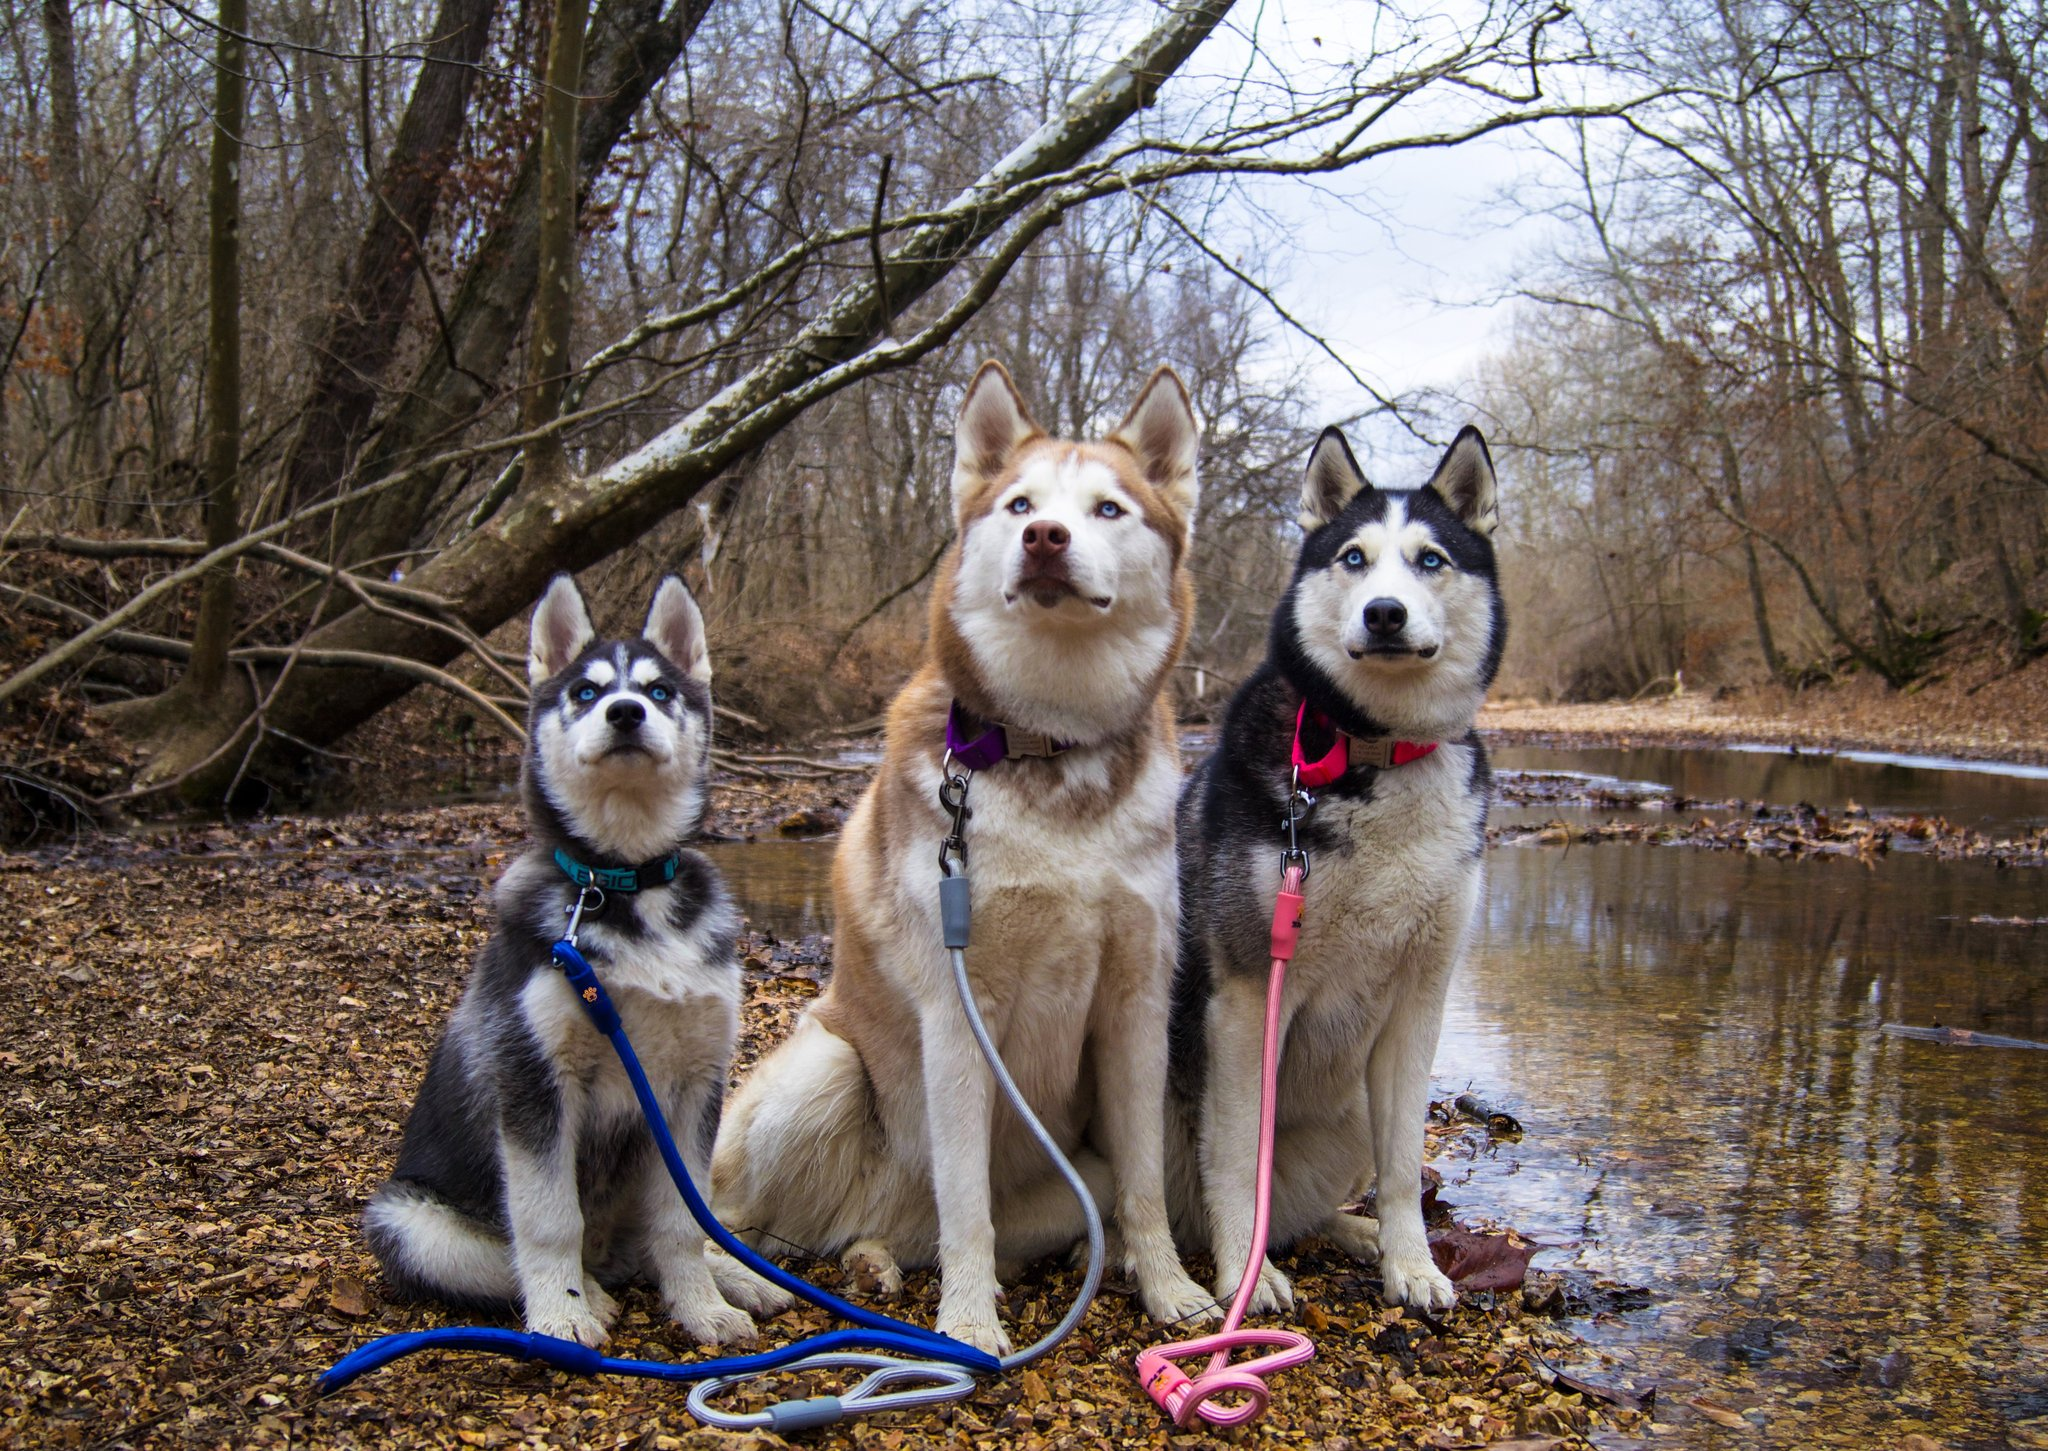 Dogs Modeling Leash